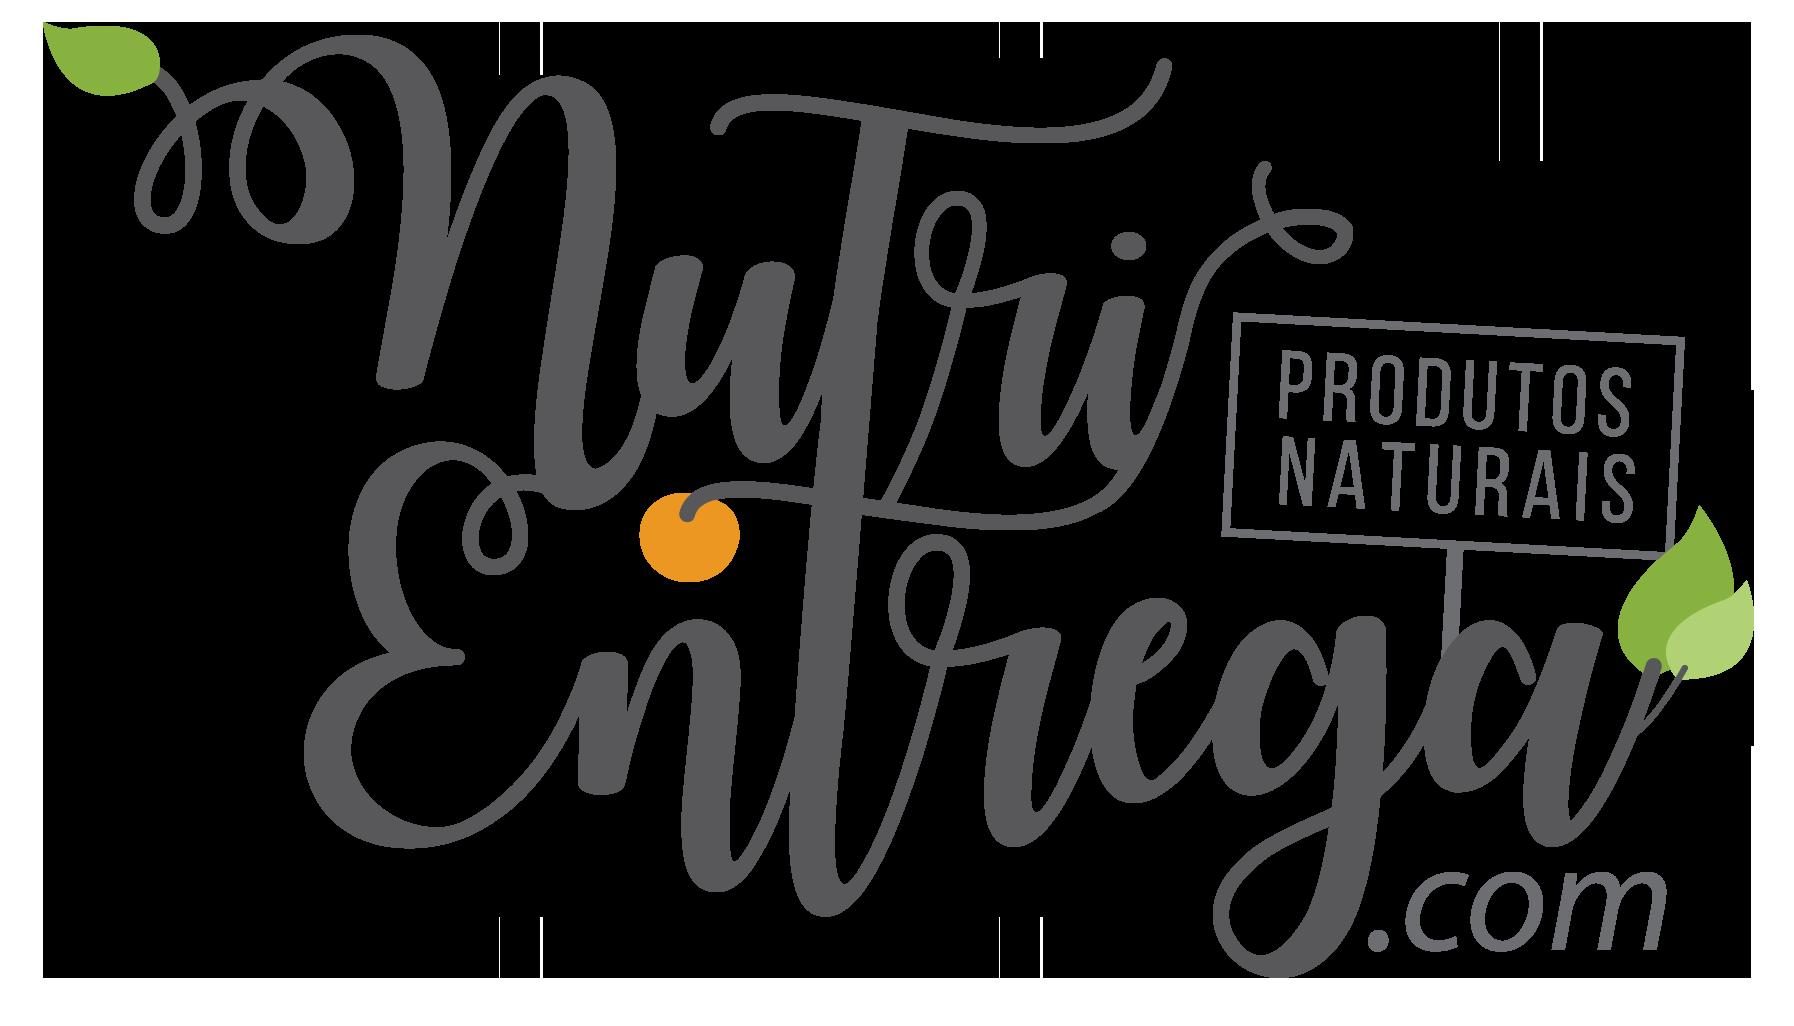 NutriEntrega.com - Produtos Naturais e Suplementos